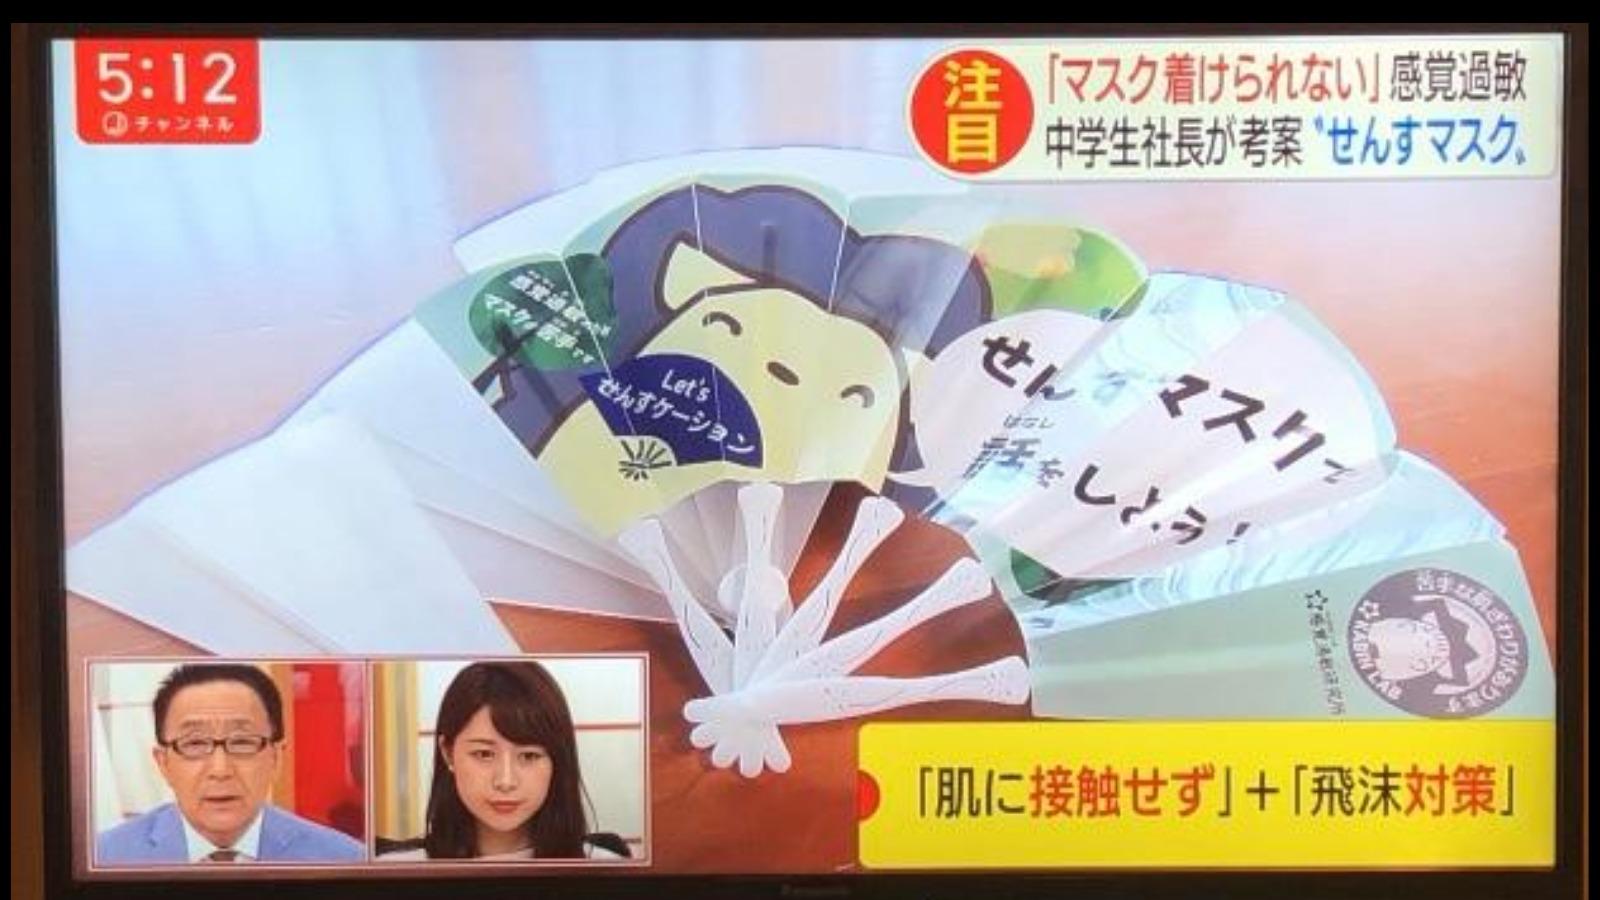 せんすマスクがテレビで紹介されました